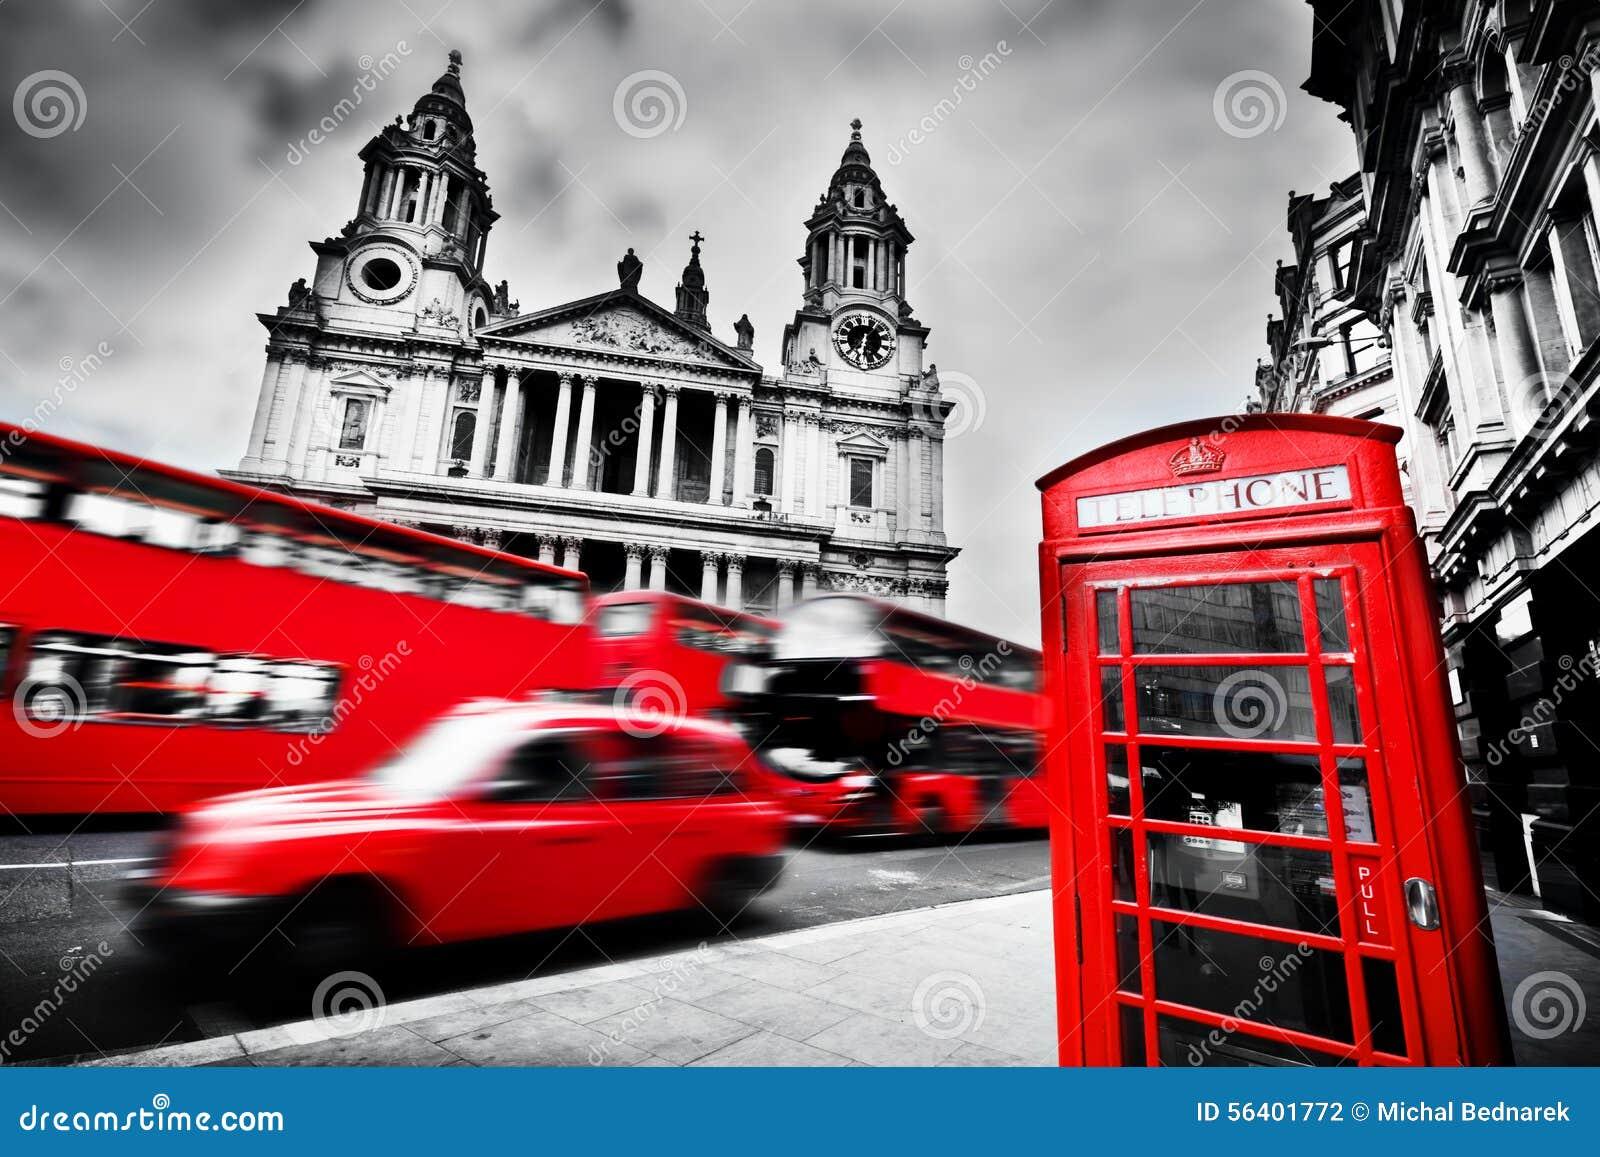 Londyn UK St Paul katedra, czerwony autobus, taxi taksówka i czerwony telefoniczny budka,